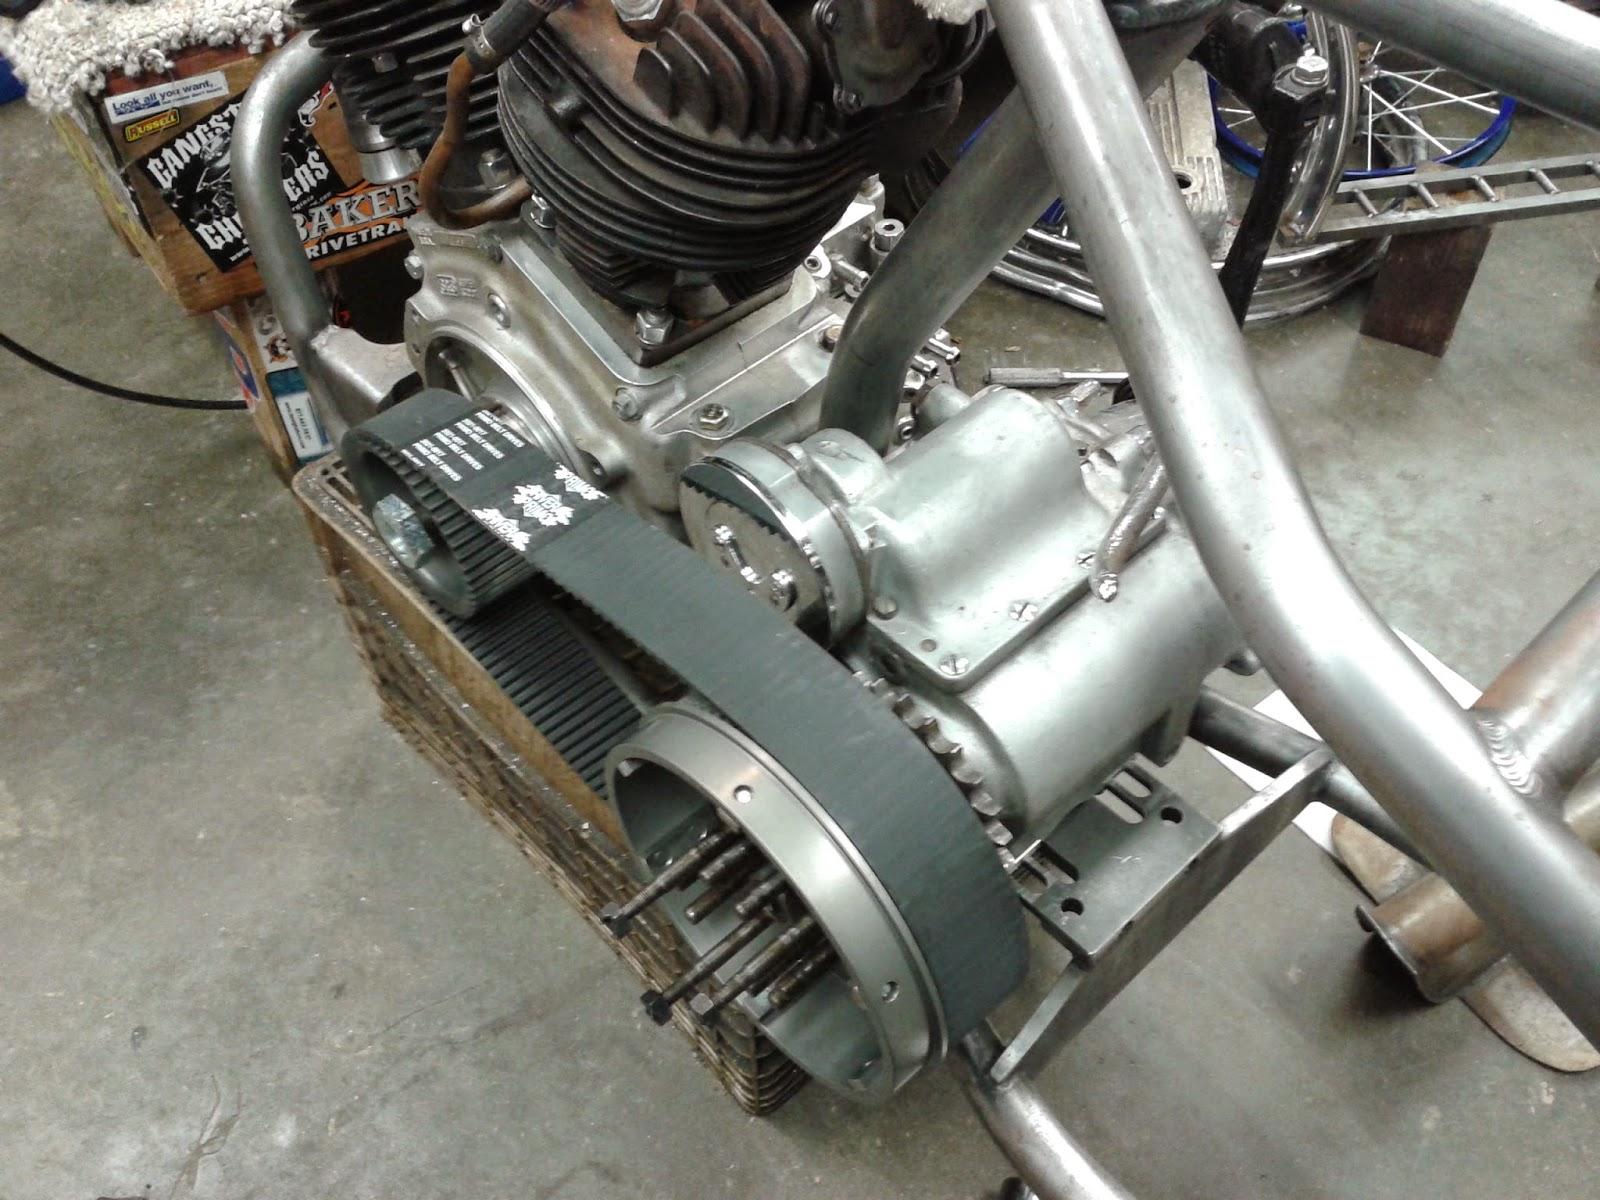 Rebuild Harley Davidson Transmission, 4 speed, ratchet lid, kick start only.